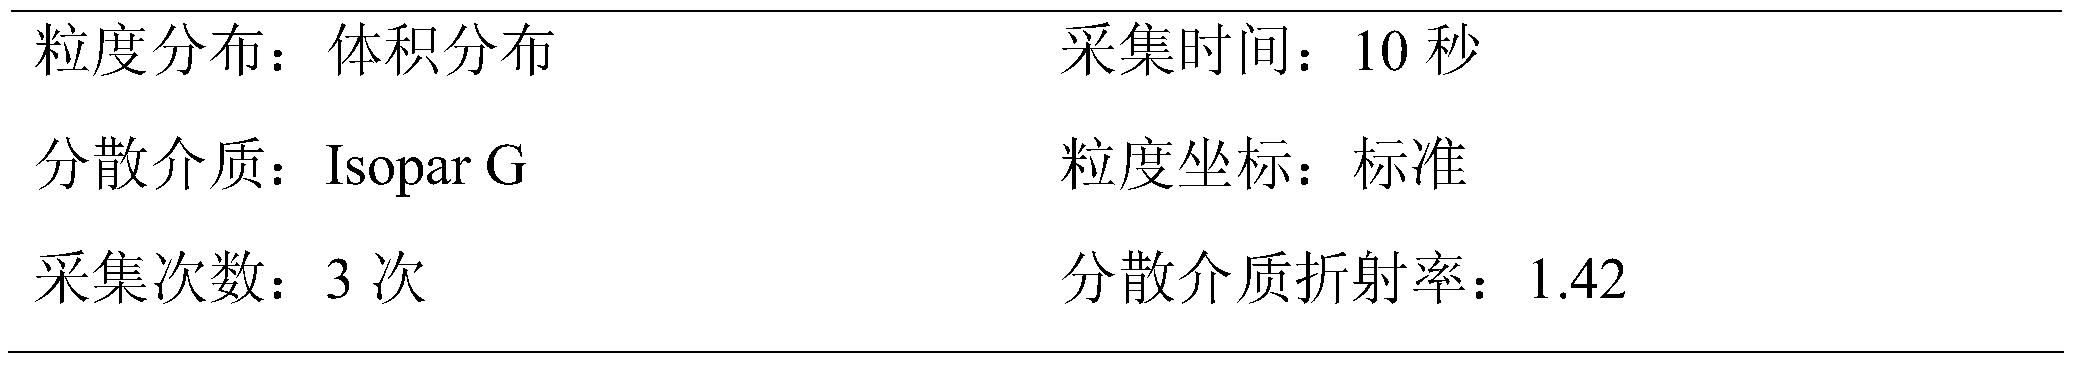 Figure PCTCN2016102022-appb-000005